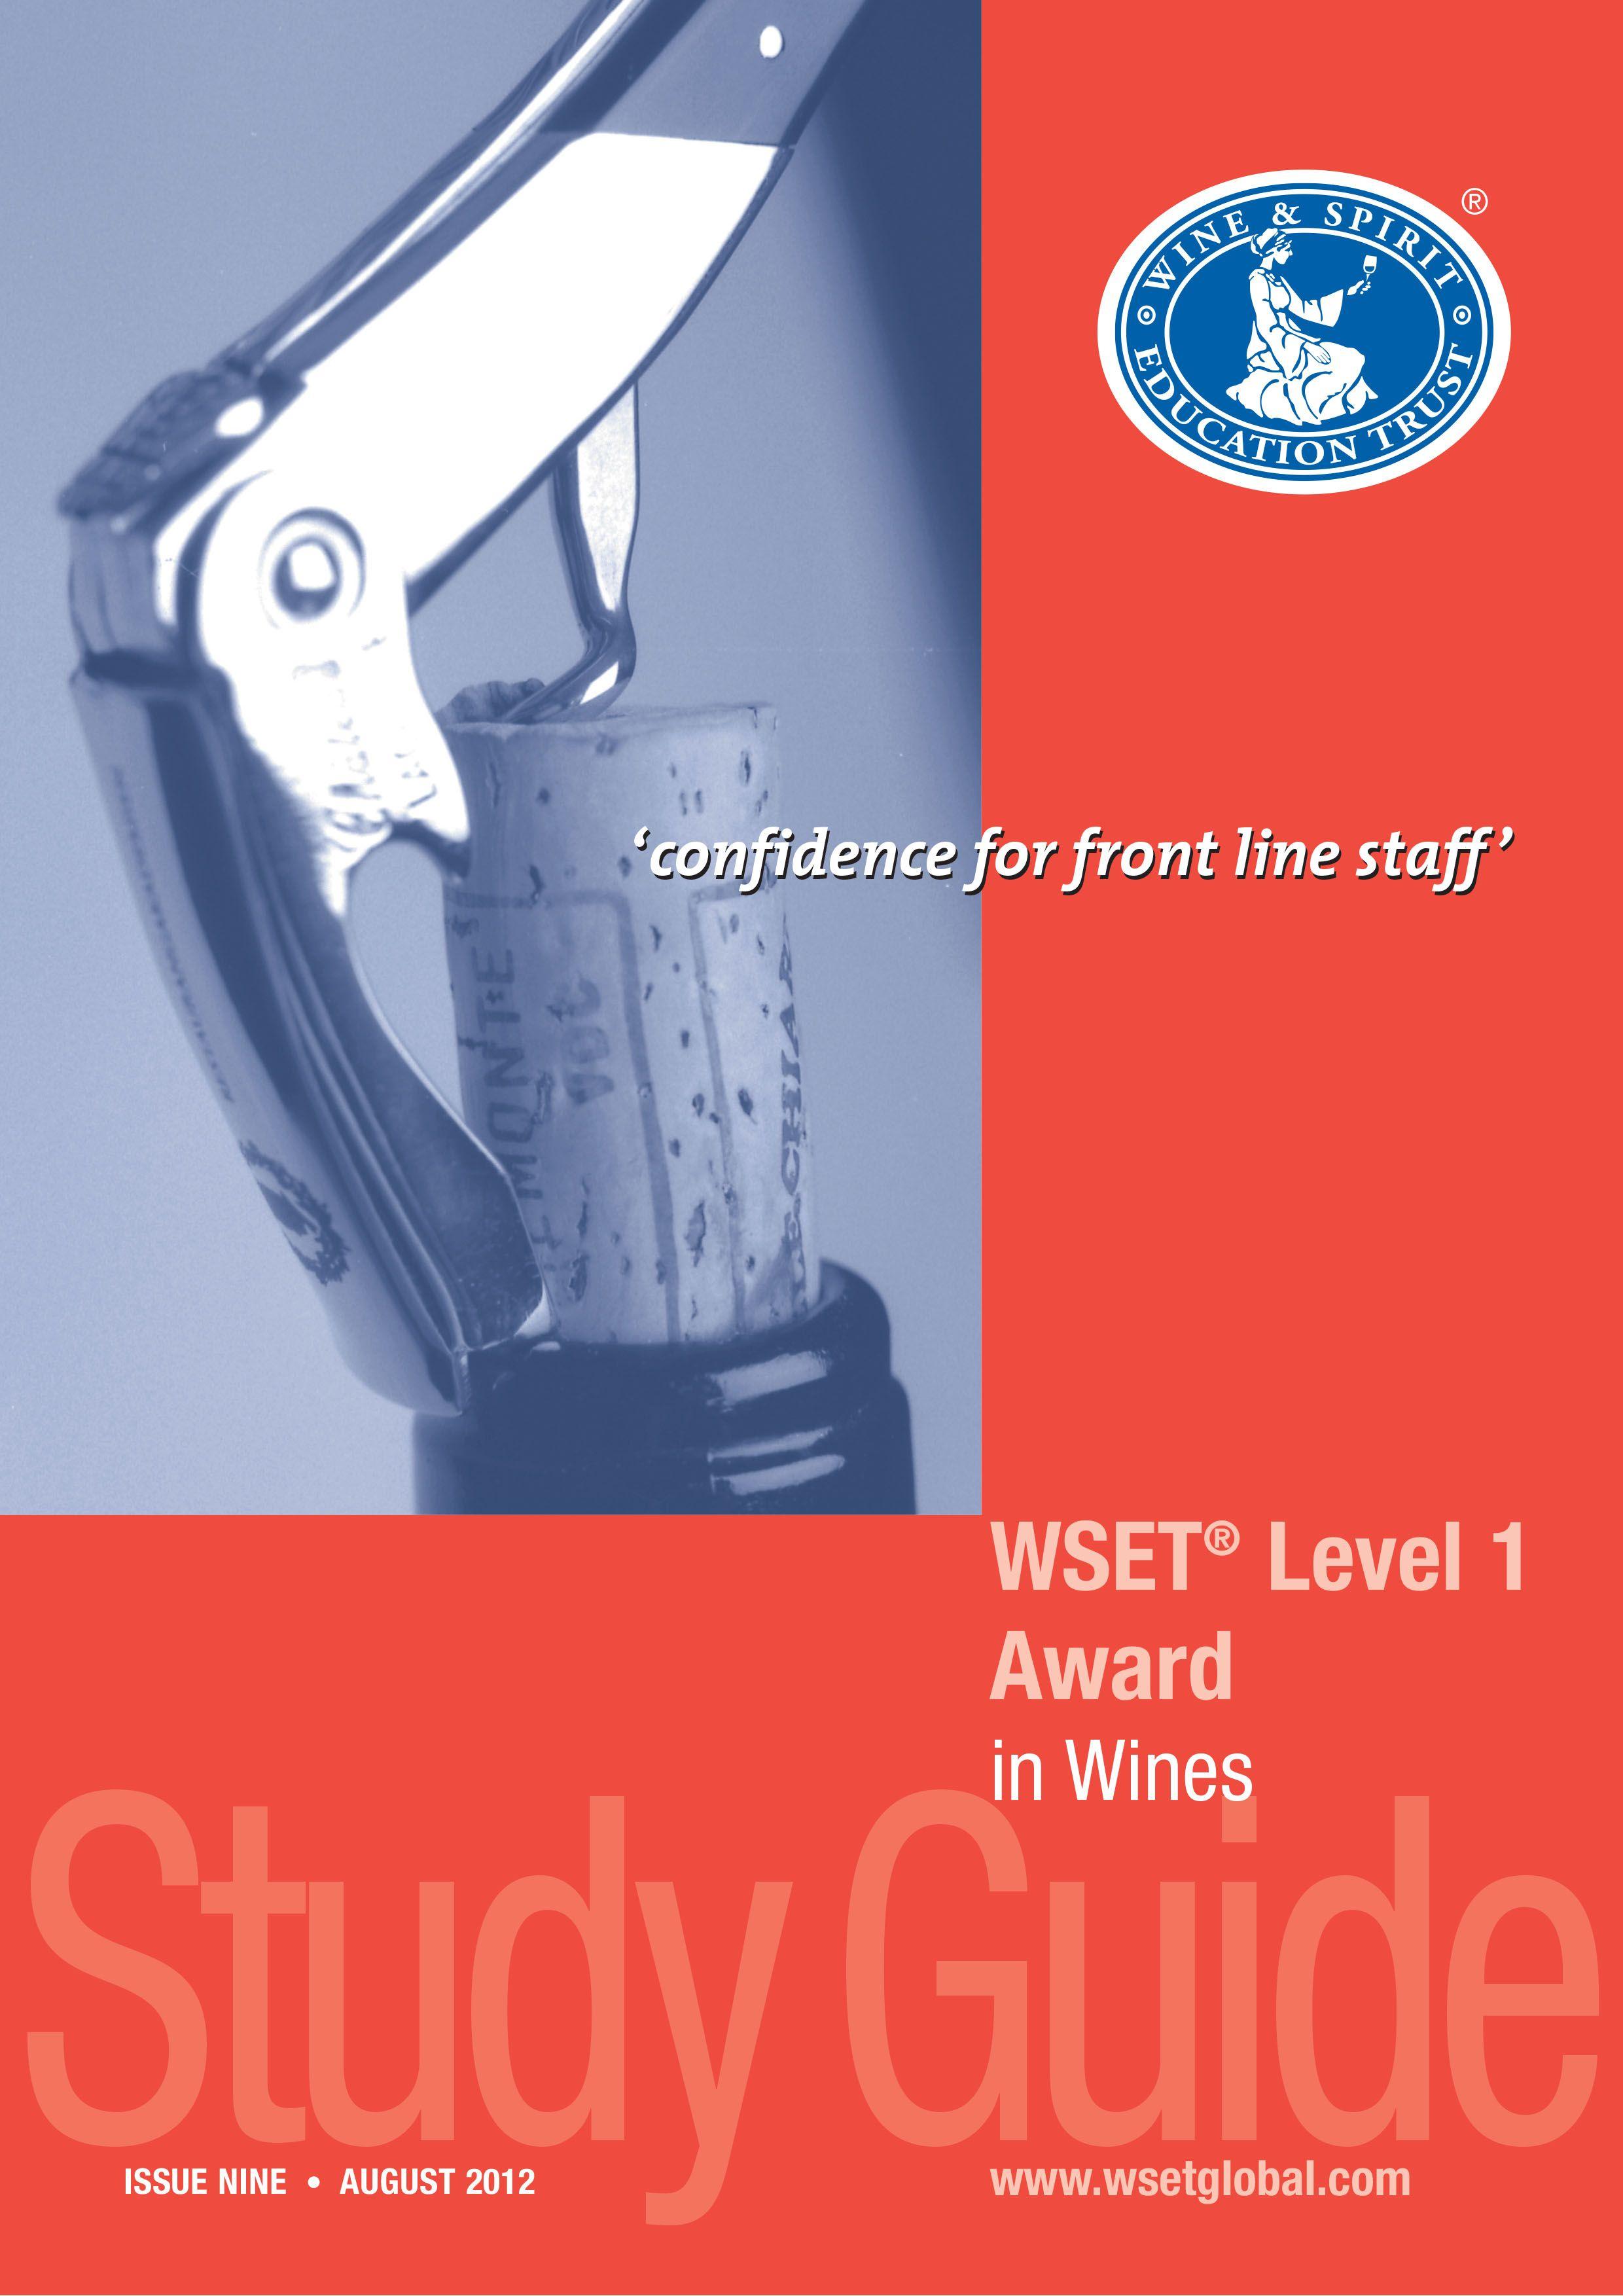 Wset Course Level 1 English Florida Wine Academy Wine Course Wine Tasting Course Wine Education